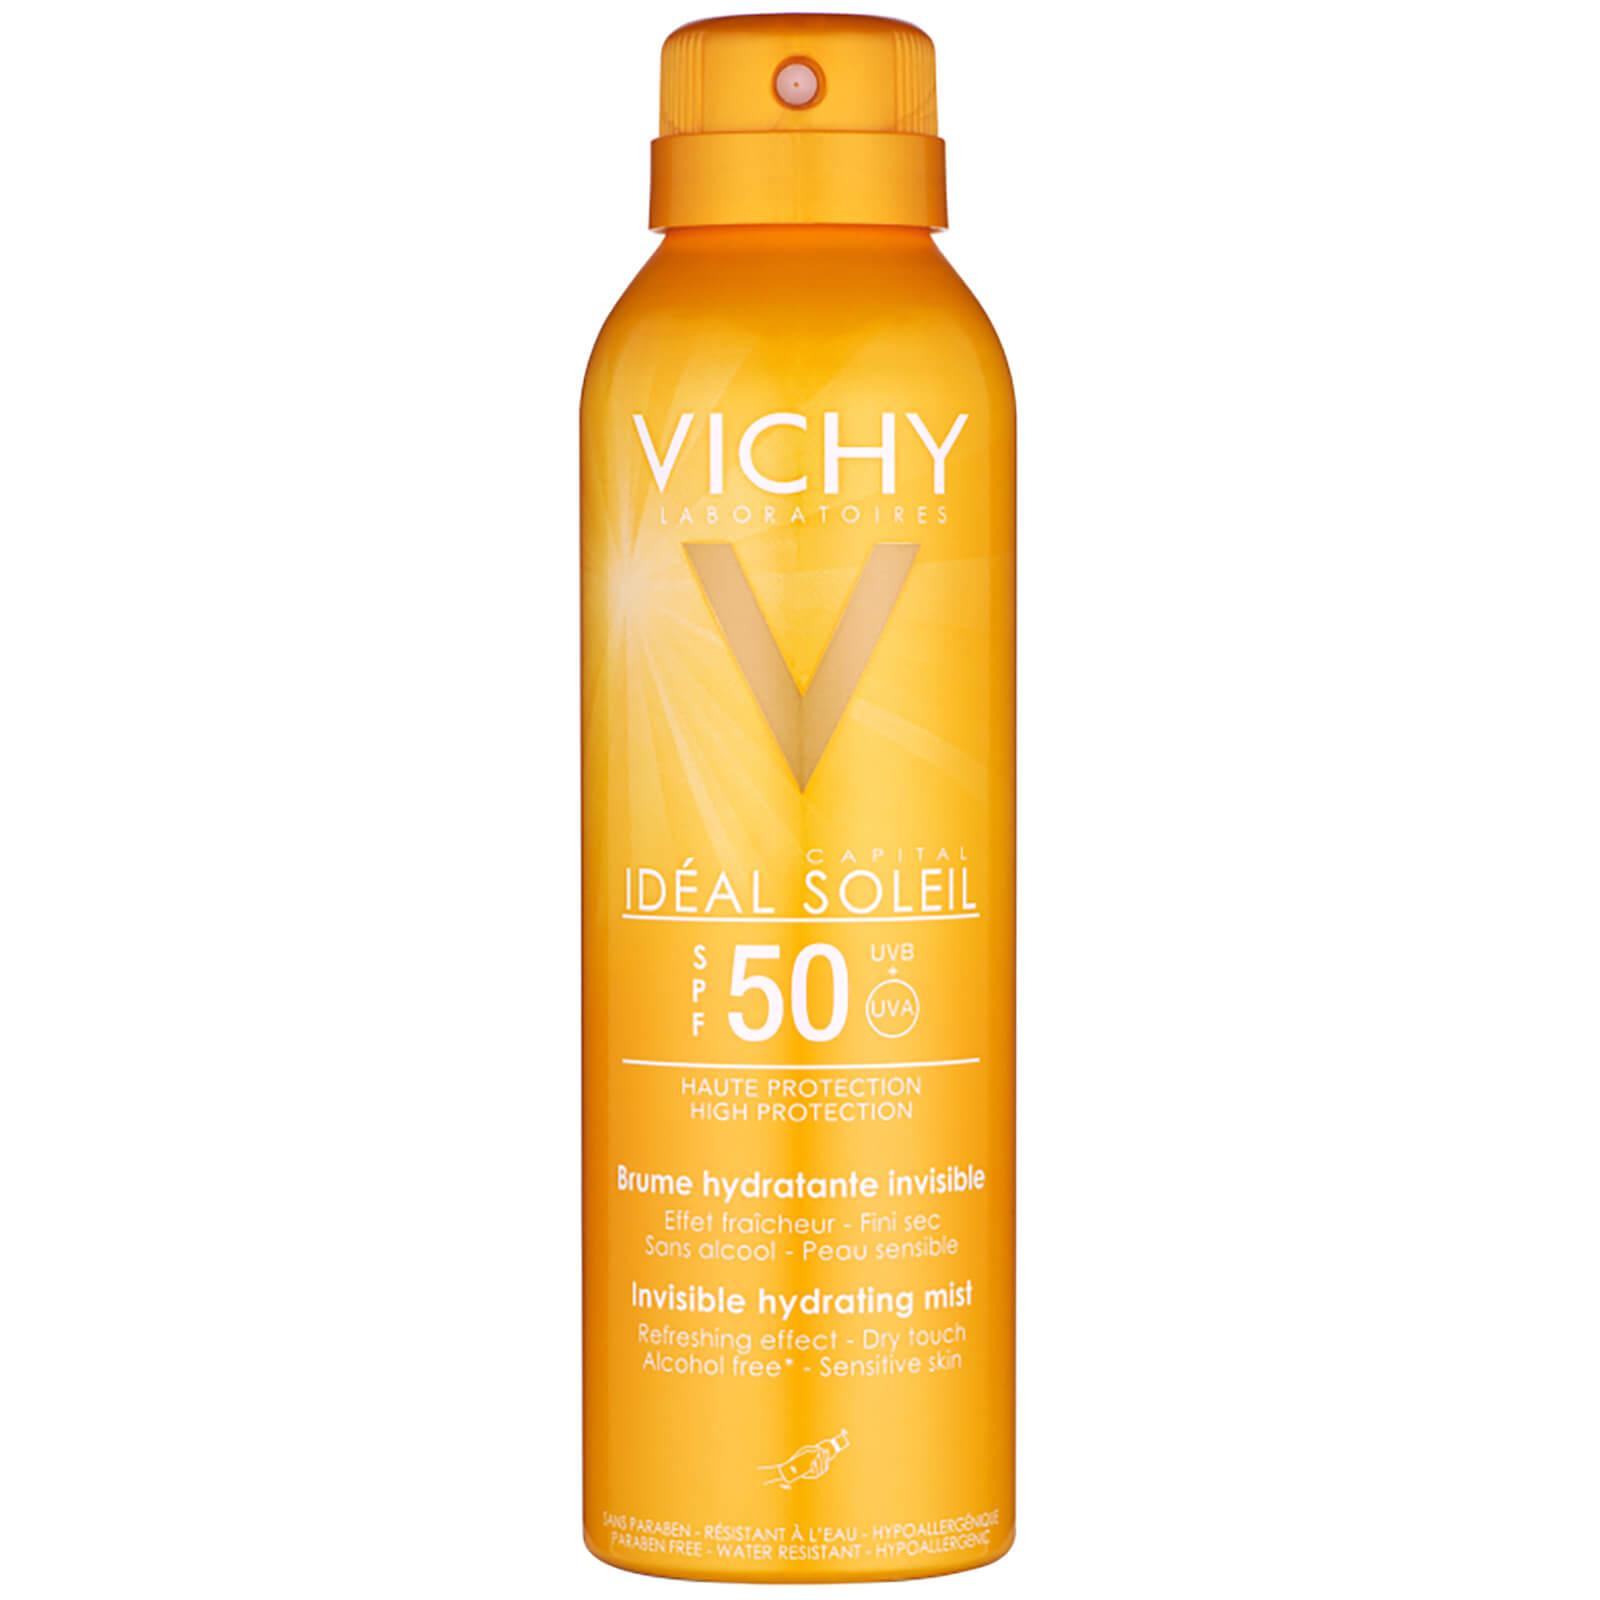 Vichy Ideal Soleil Hydrating Mist SPF50